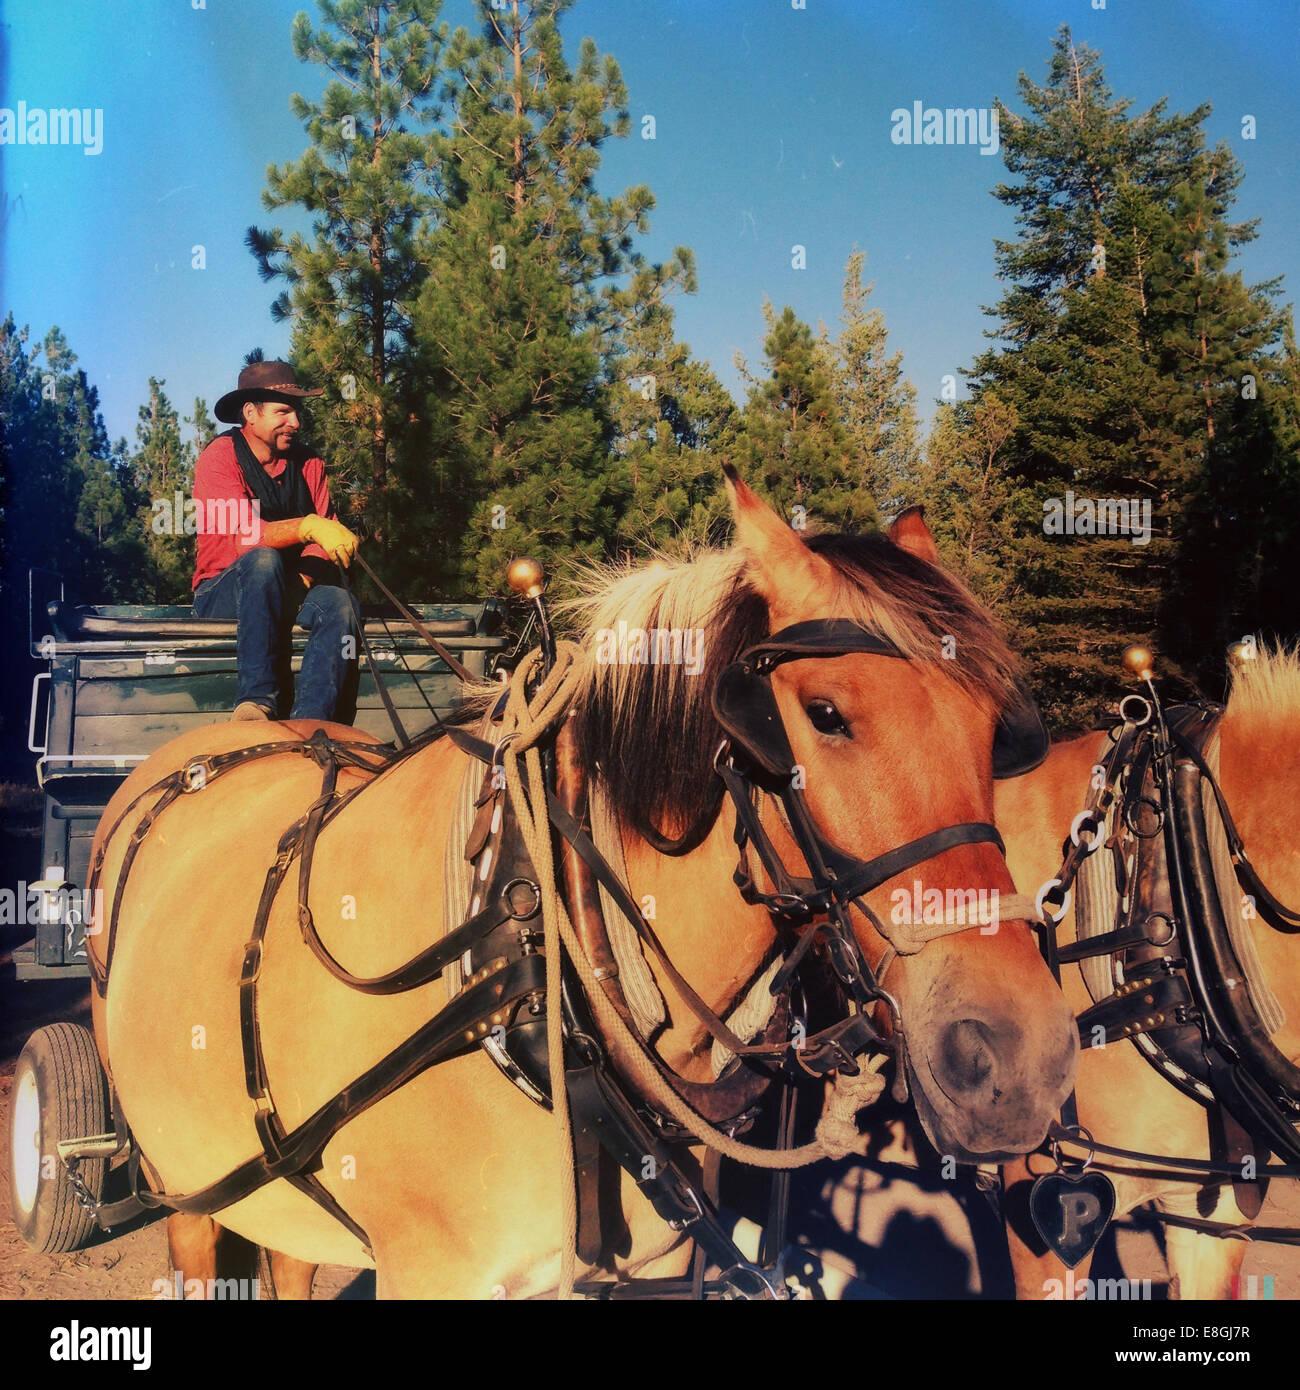 Cowboy sentado en carruaje tirado por caballos Imagen De Stock